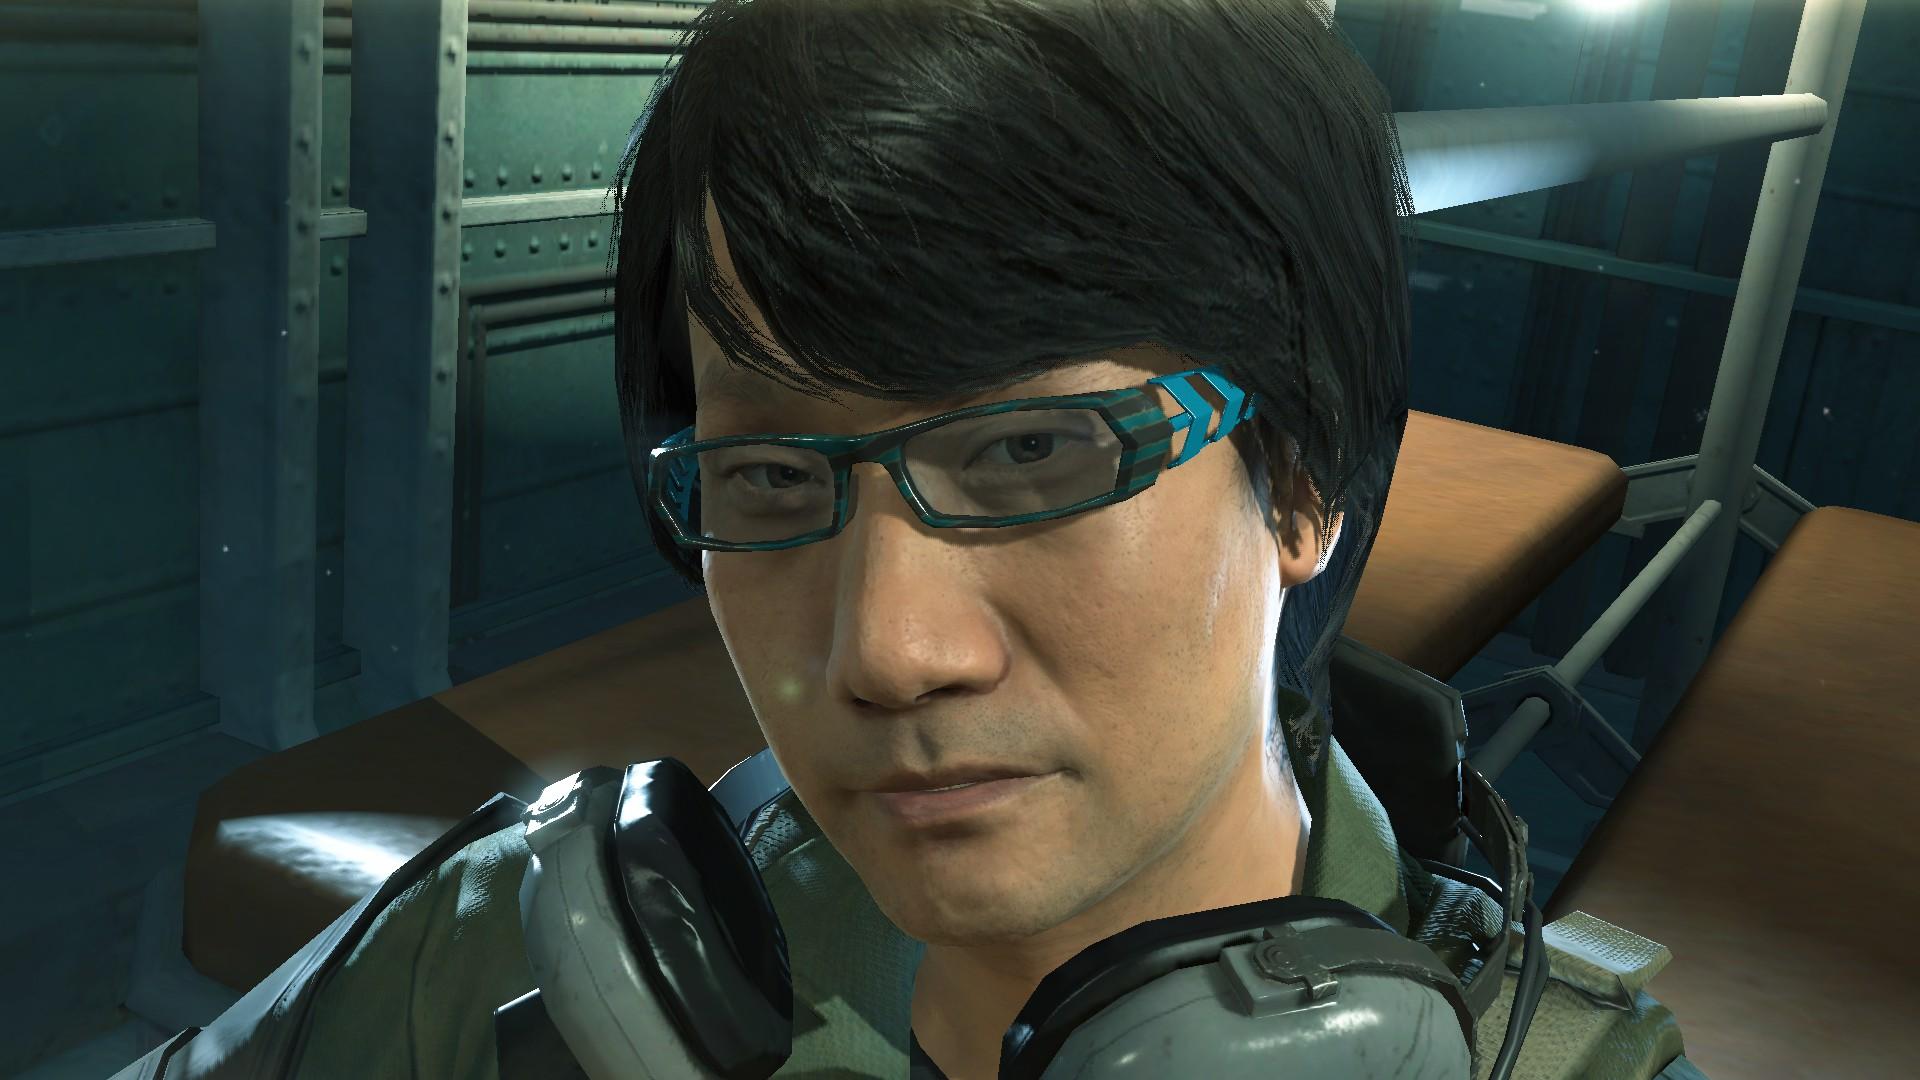 Steam Workshop::Metal Gear Solid 5 - Ground Zeroes: XOF